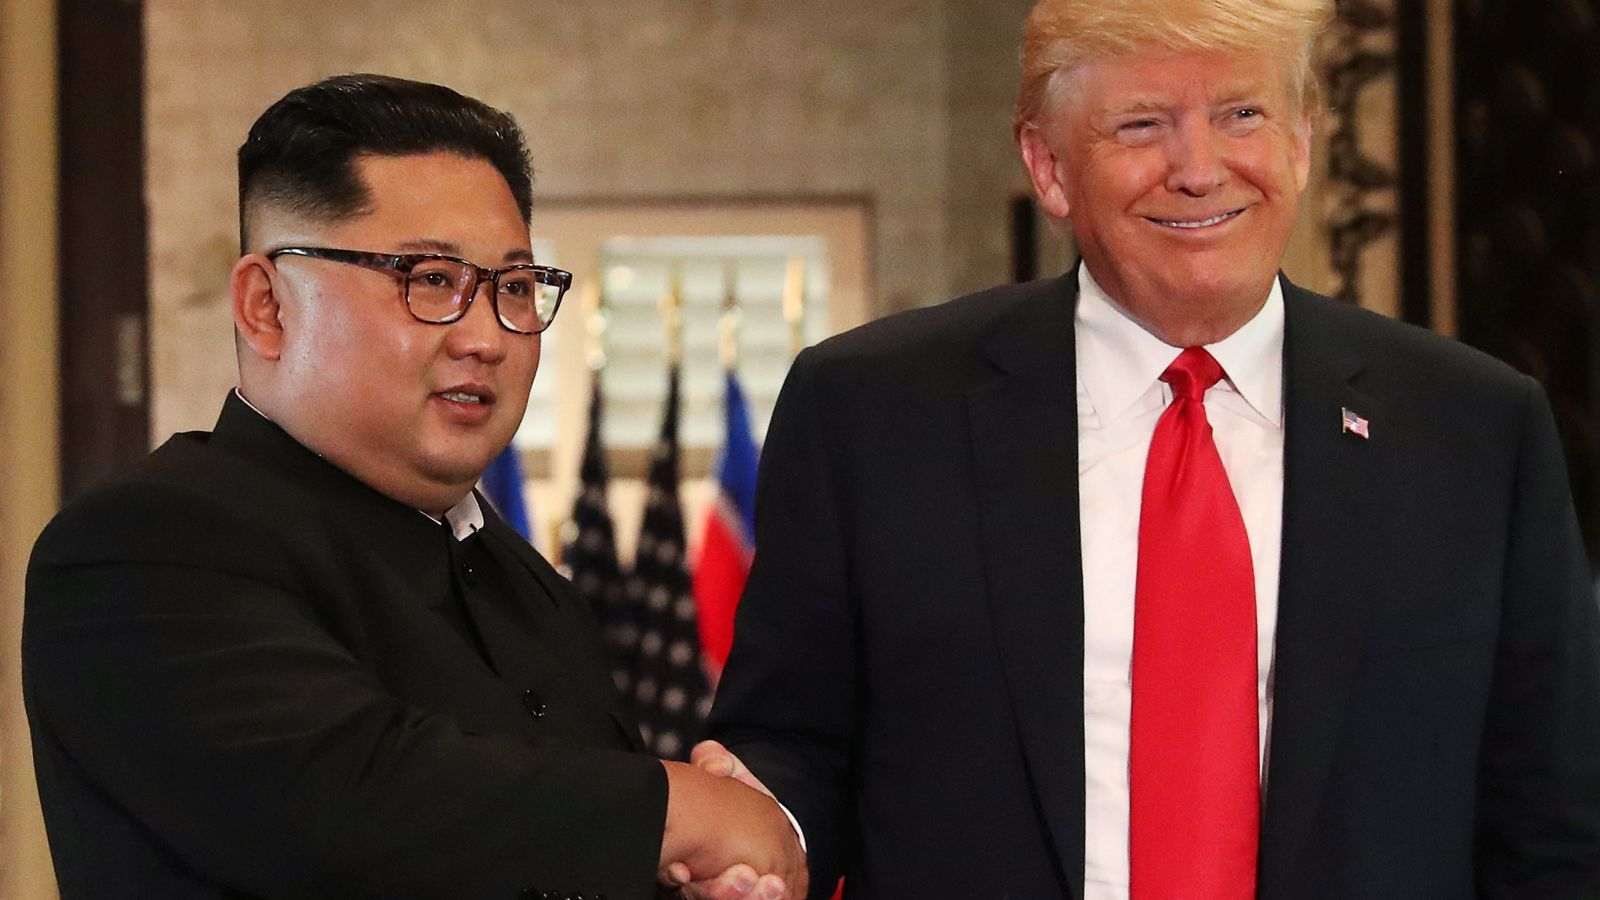 Trump diu que Kim ha promès destruir les bases de proves nuclears tot i que no s'ha posat per escrit